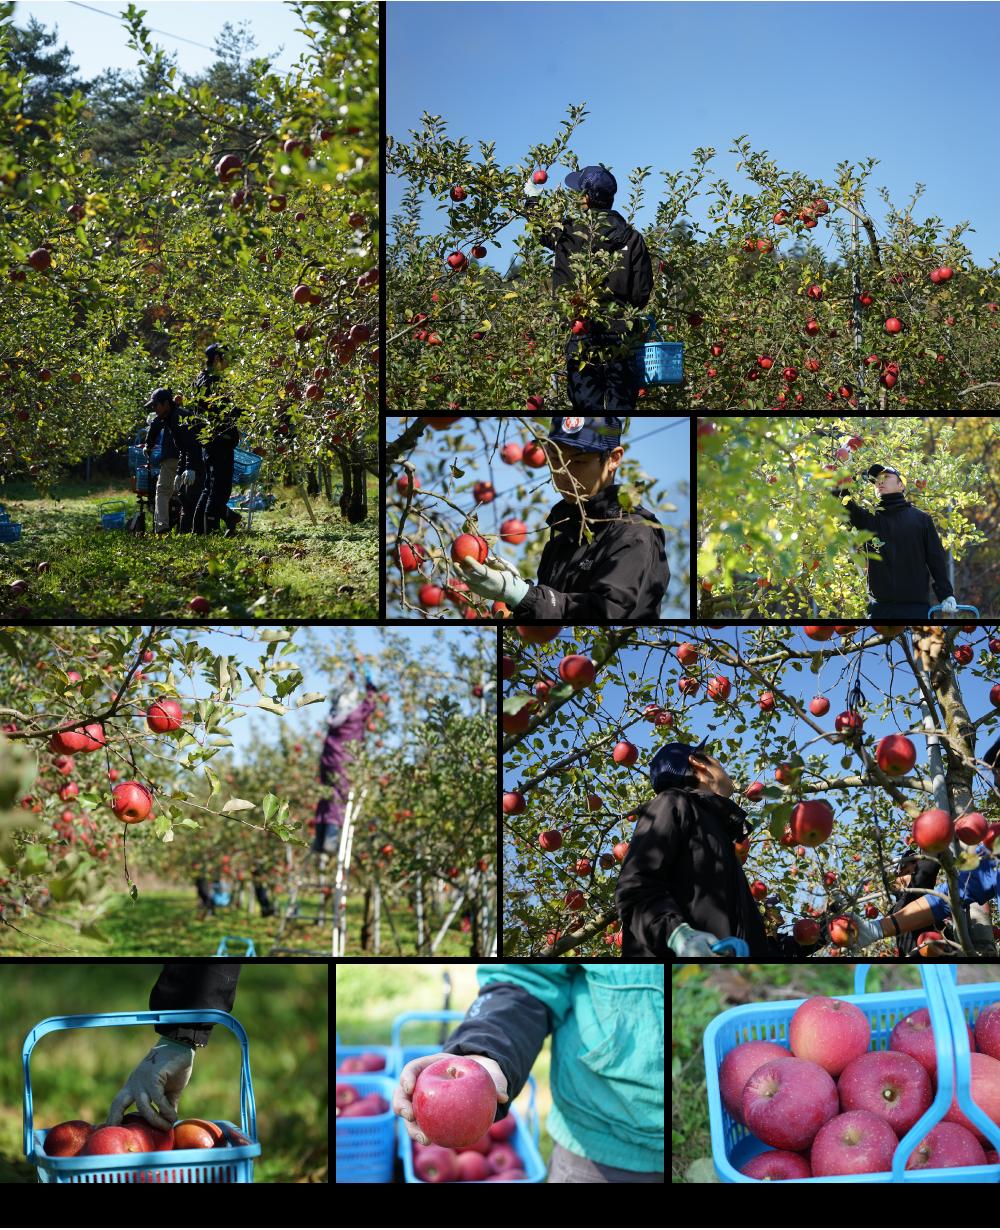 成熟したりんごの木には、1本で50個以上の美味しいりんごが実ります。品種によって実りの時期が様々なので、8月下旬から11月までりんごの収穫がつづき日本全国に岩渕ファームの美味しいりんごが届きはじめます。1年をかけて木を愛で、大きく育ったりんごの実を、スタッフ全員で収穫できることに幸せを感じながら毎年この収穫期を迎えています。